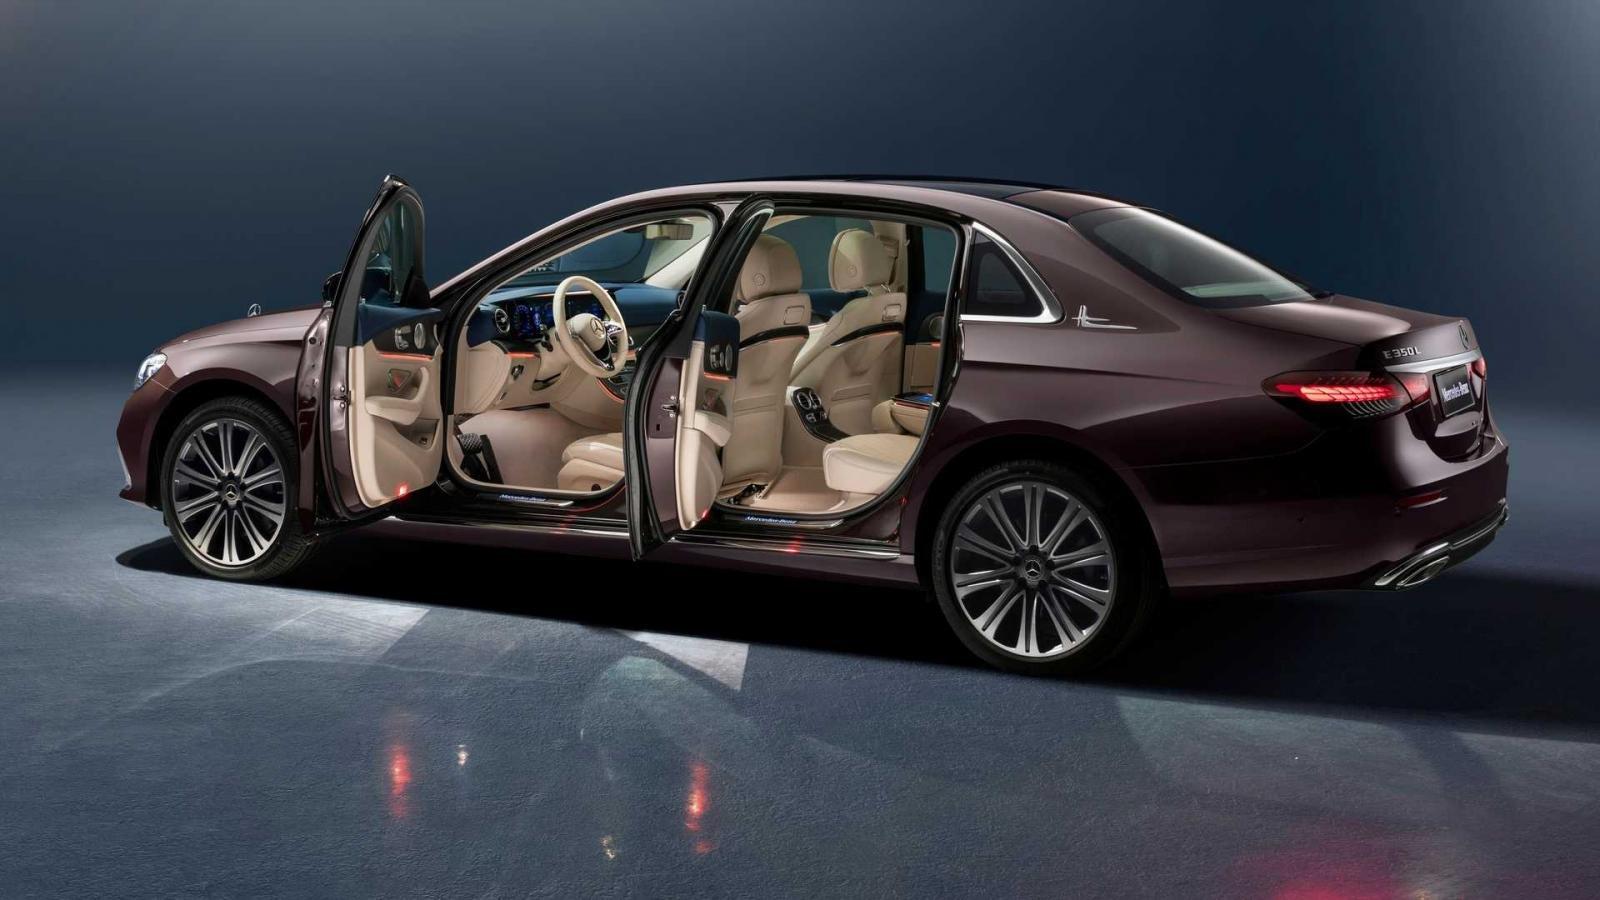 Mercedes E-Class 2021 phiên bản kéo dài đảm bảo sự thoải mái của người dùng.